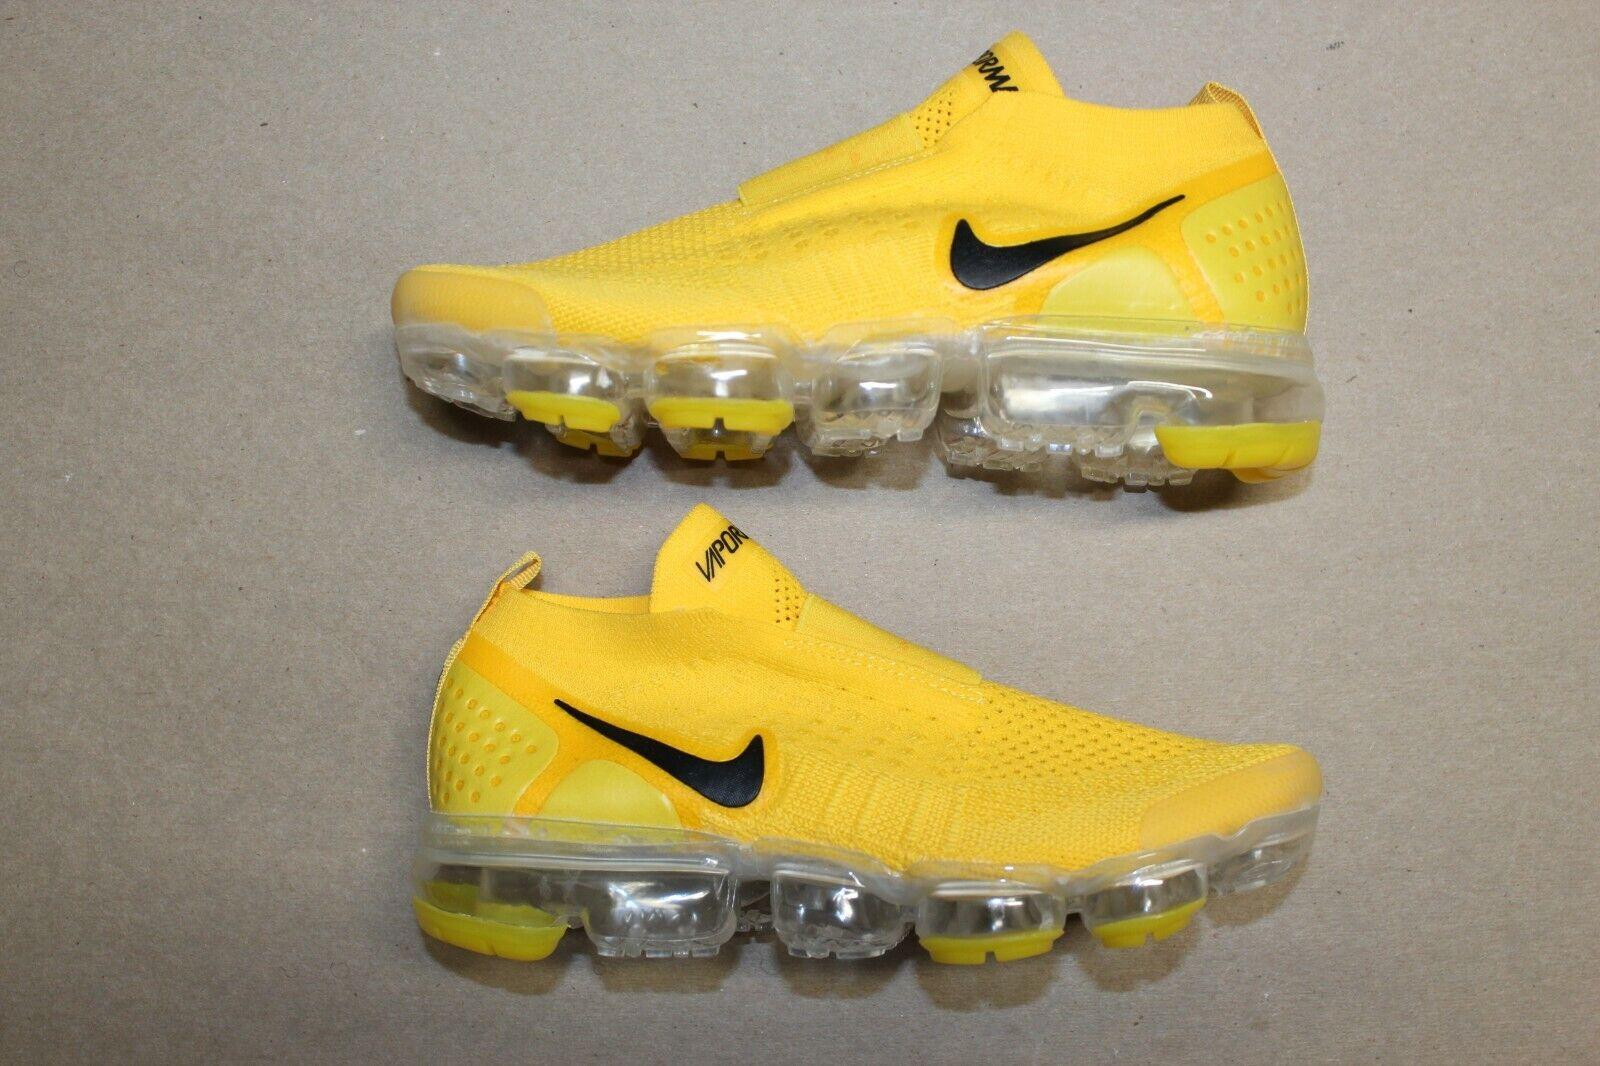 Women's Nike Air Vapormax Flyknit Moc 2 Laceless Size 6.5 Yellow Black